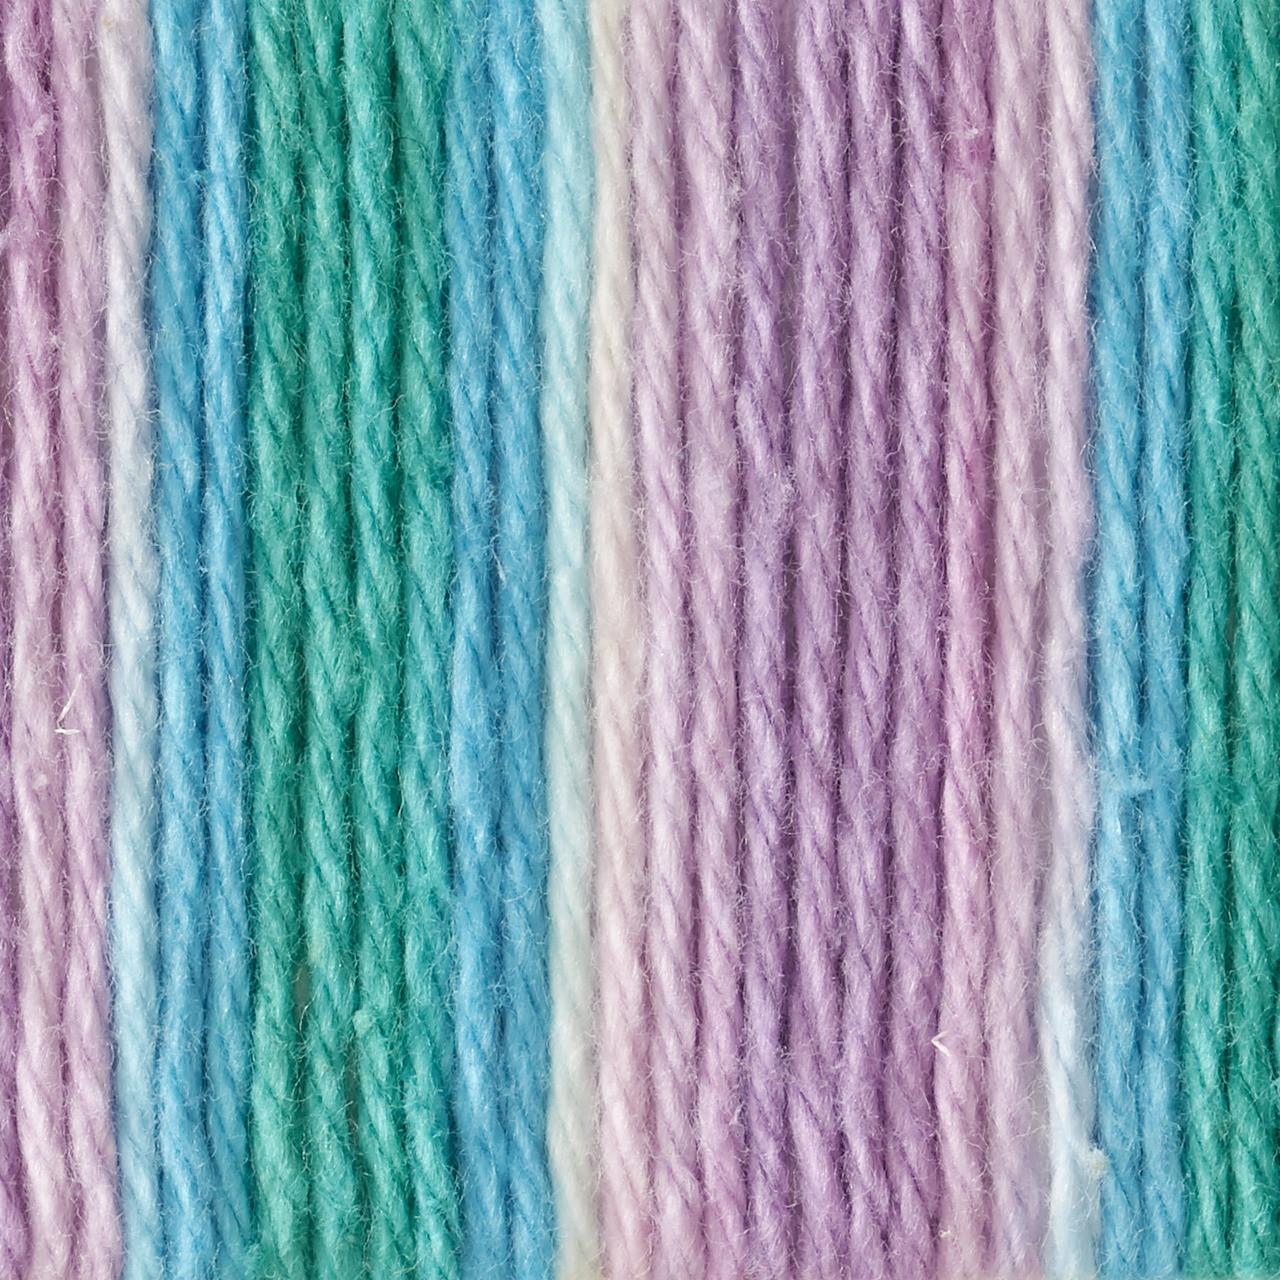 Ombres-Beach Ball Blue Bernat Handicrafter Cotton Yarn